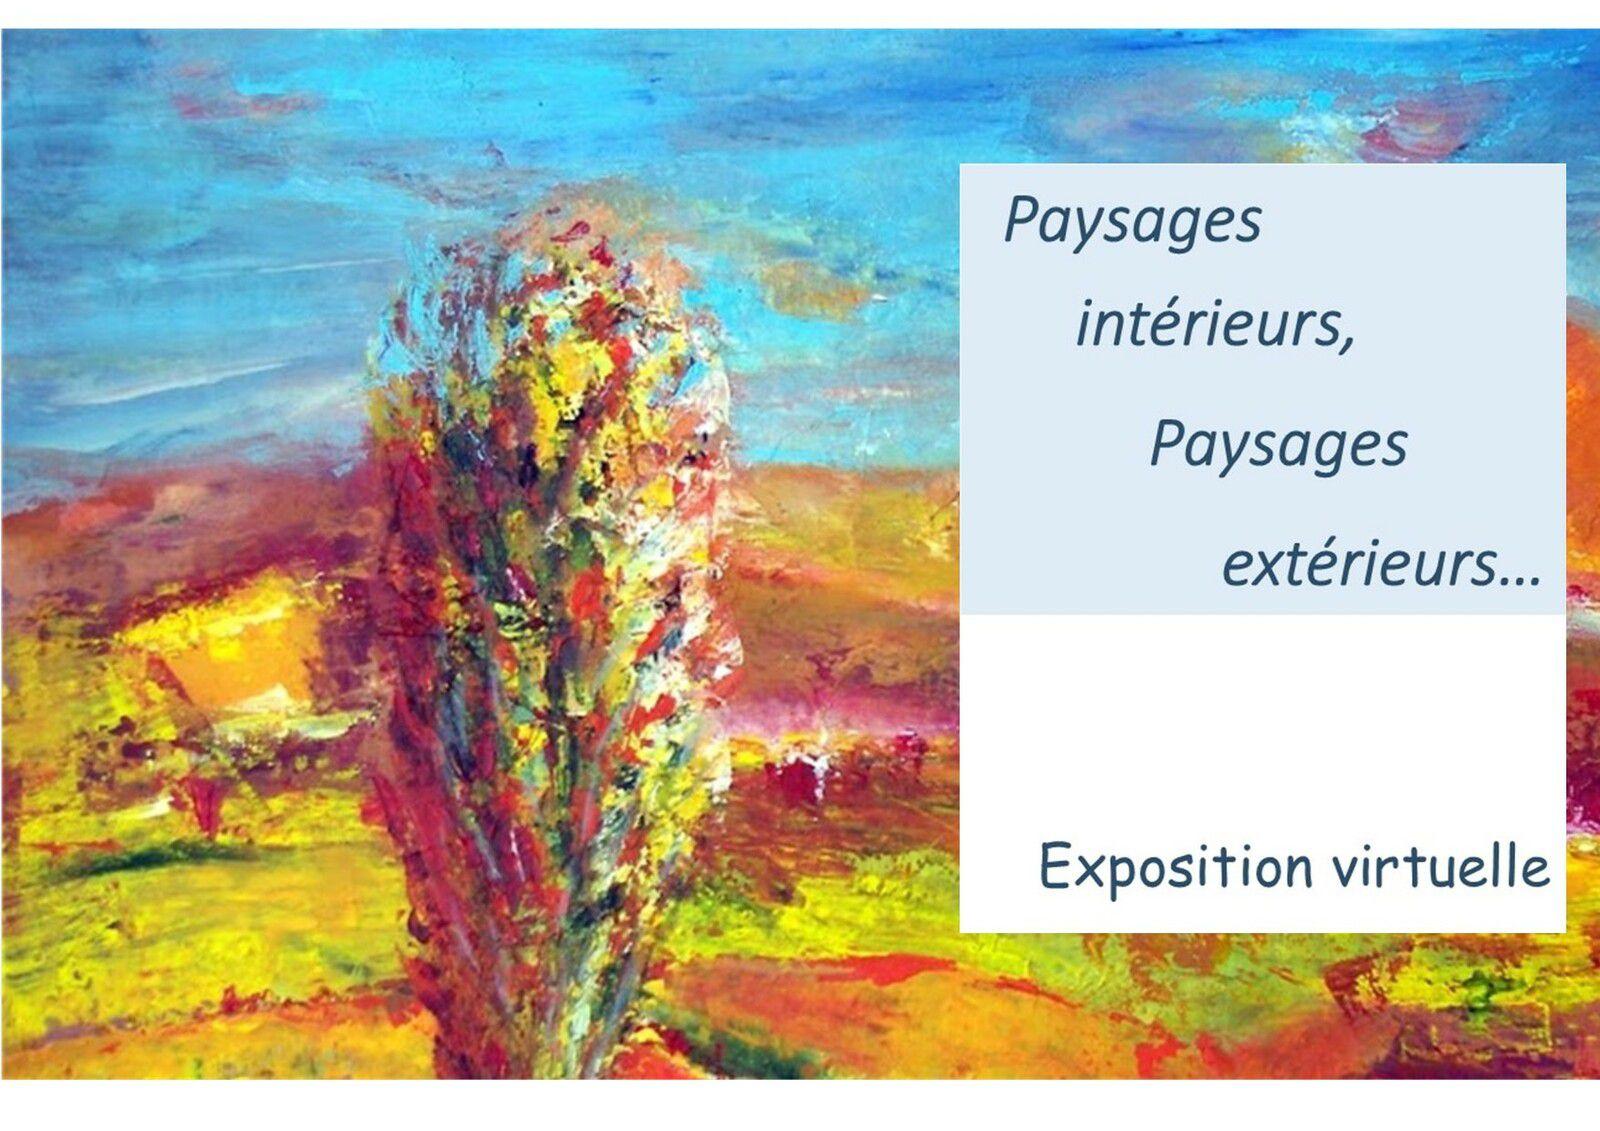 """Participez à l'exposition virtuelle """"Paysages intérieurs, paysages extérieurs..."""" !"""